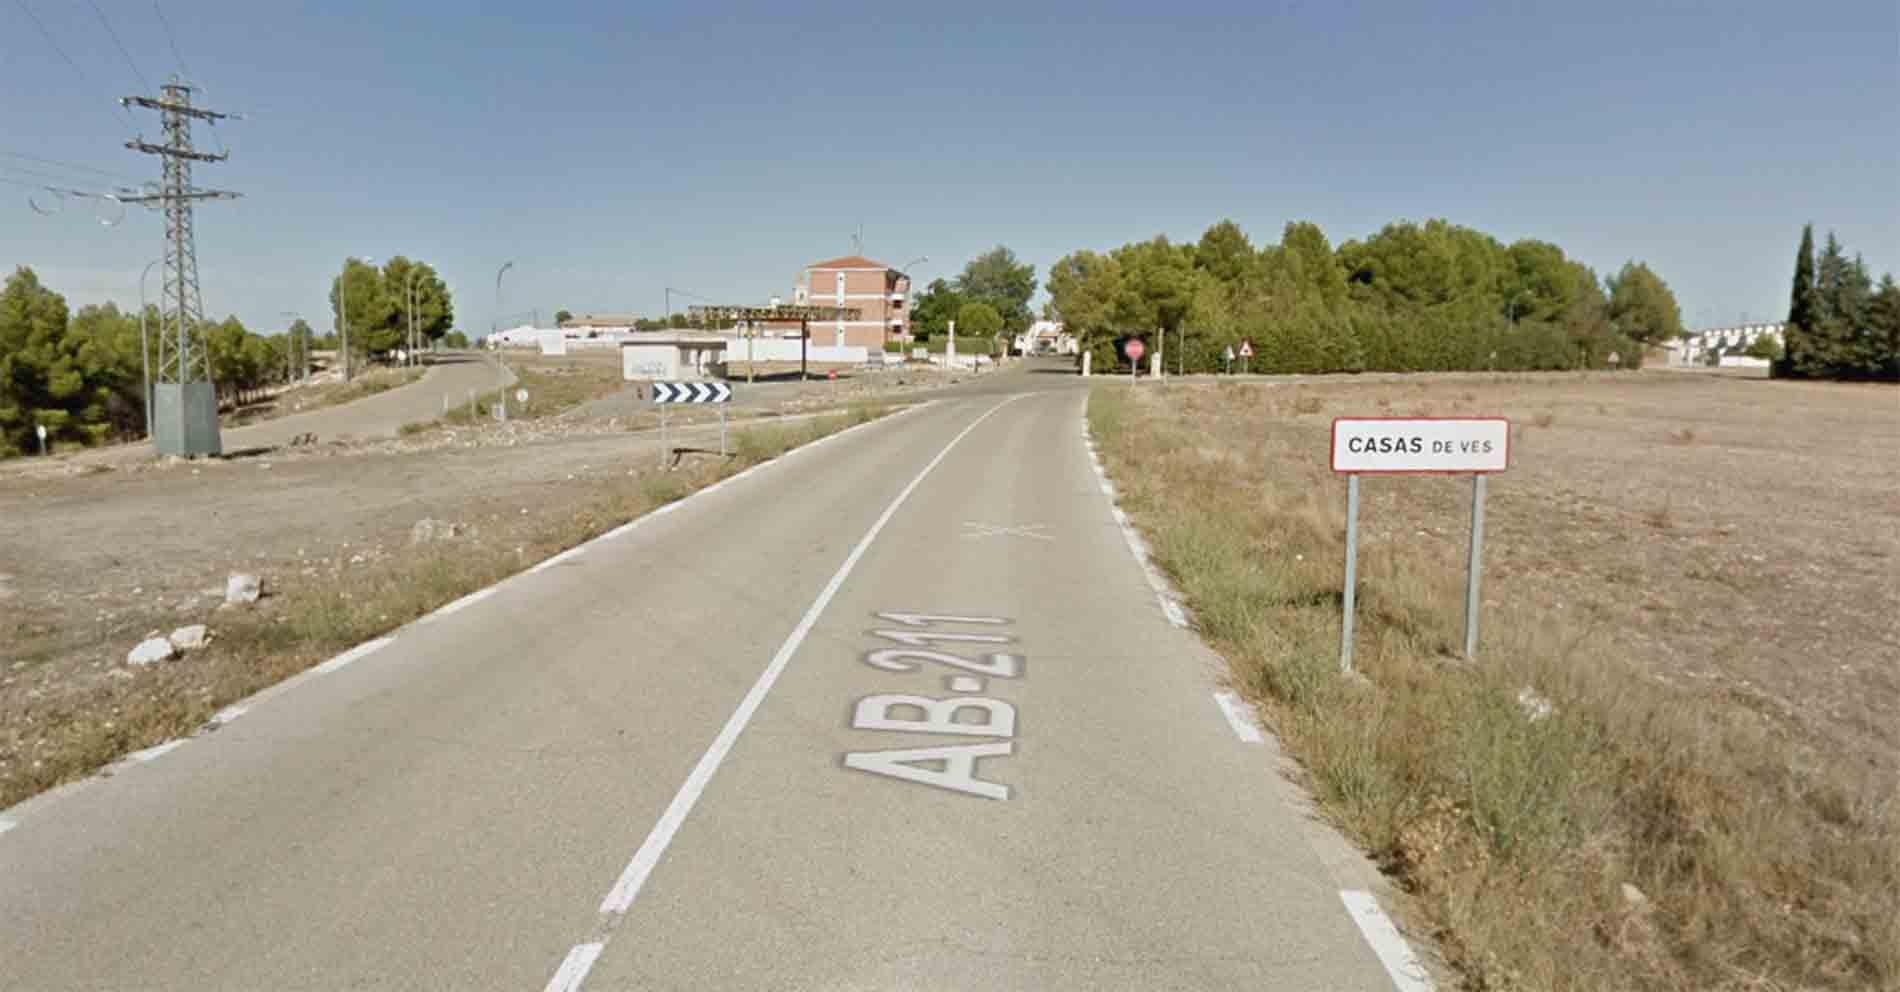 El incendio se produjo muy cerca de Casas de Ves (Albacete)